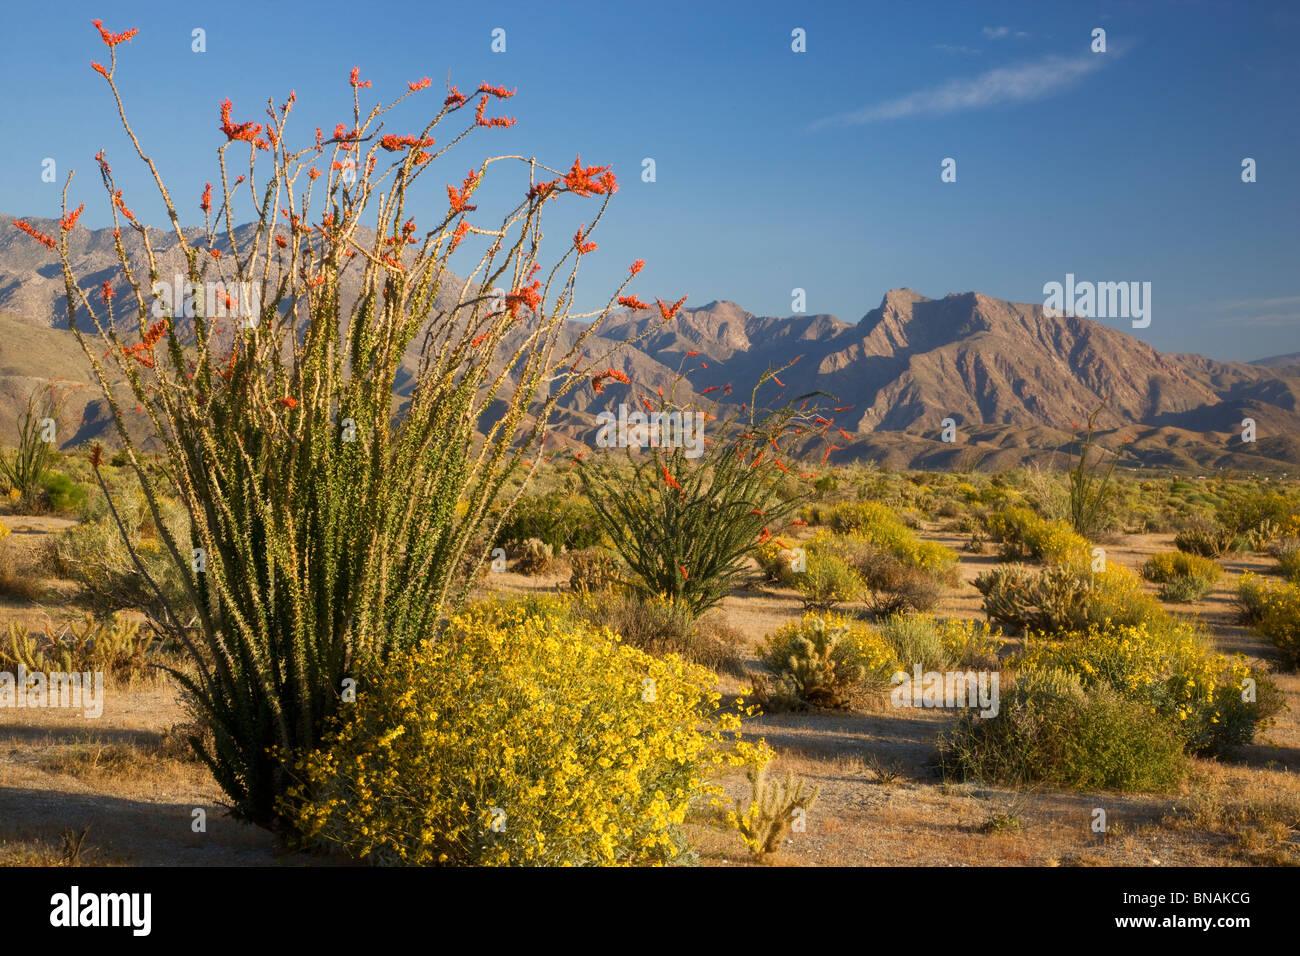 Desierto Anza-Borrego State Park, California. Imagen De Stock